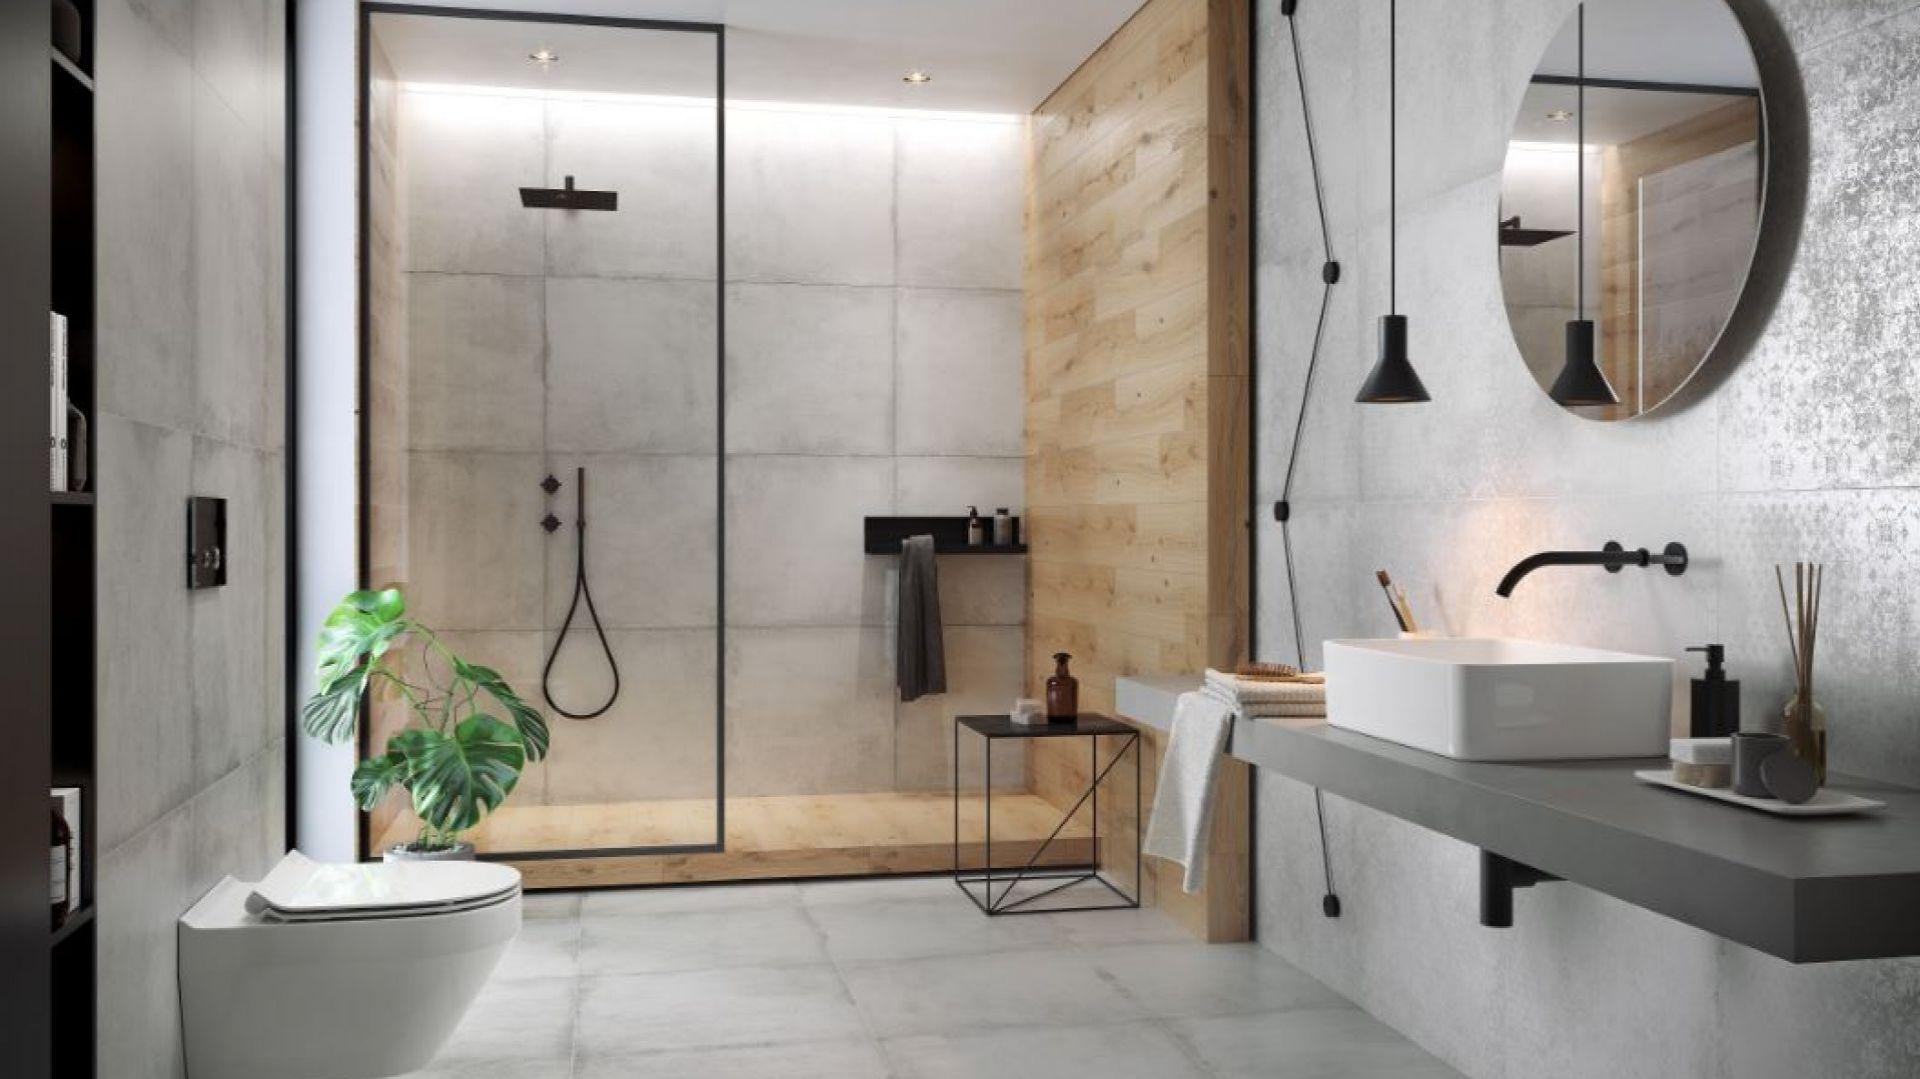 Płytki gresowe z kolekcji Stormy imitujące surowy beton. Dostępne w ofercie firmy Cersanit. Cena: ok. 105 zł/m2 (59,3x59,3 cm). Fot. Cersanit